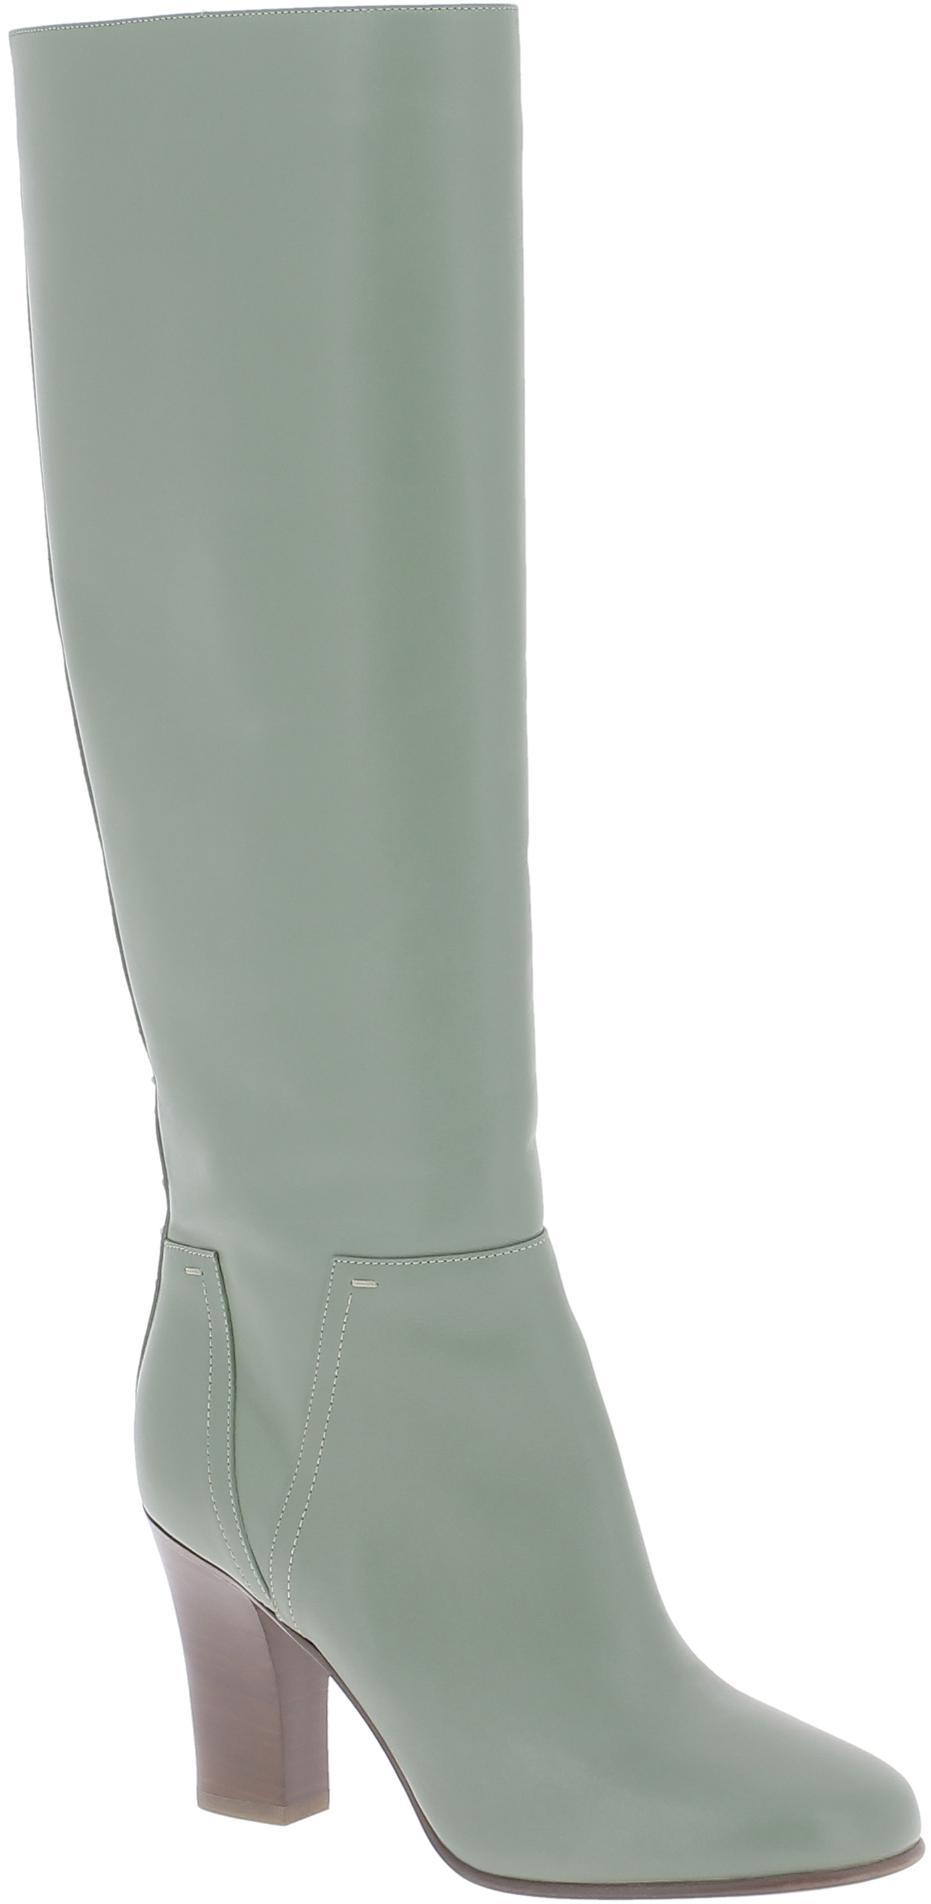 cdc8627b4c Valentino Stivali al ginocchio da donna in pelle Verde oliva ...